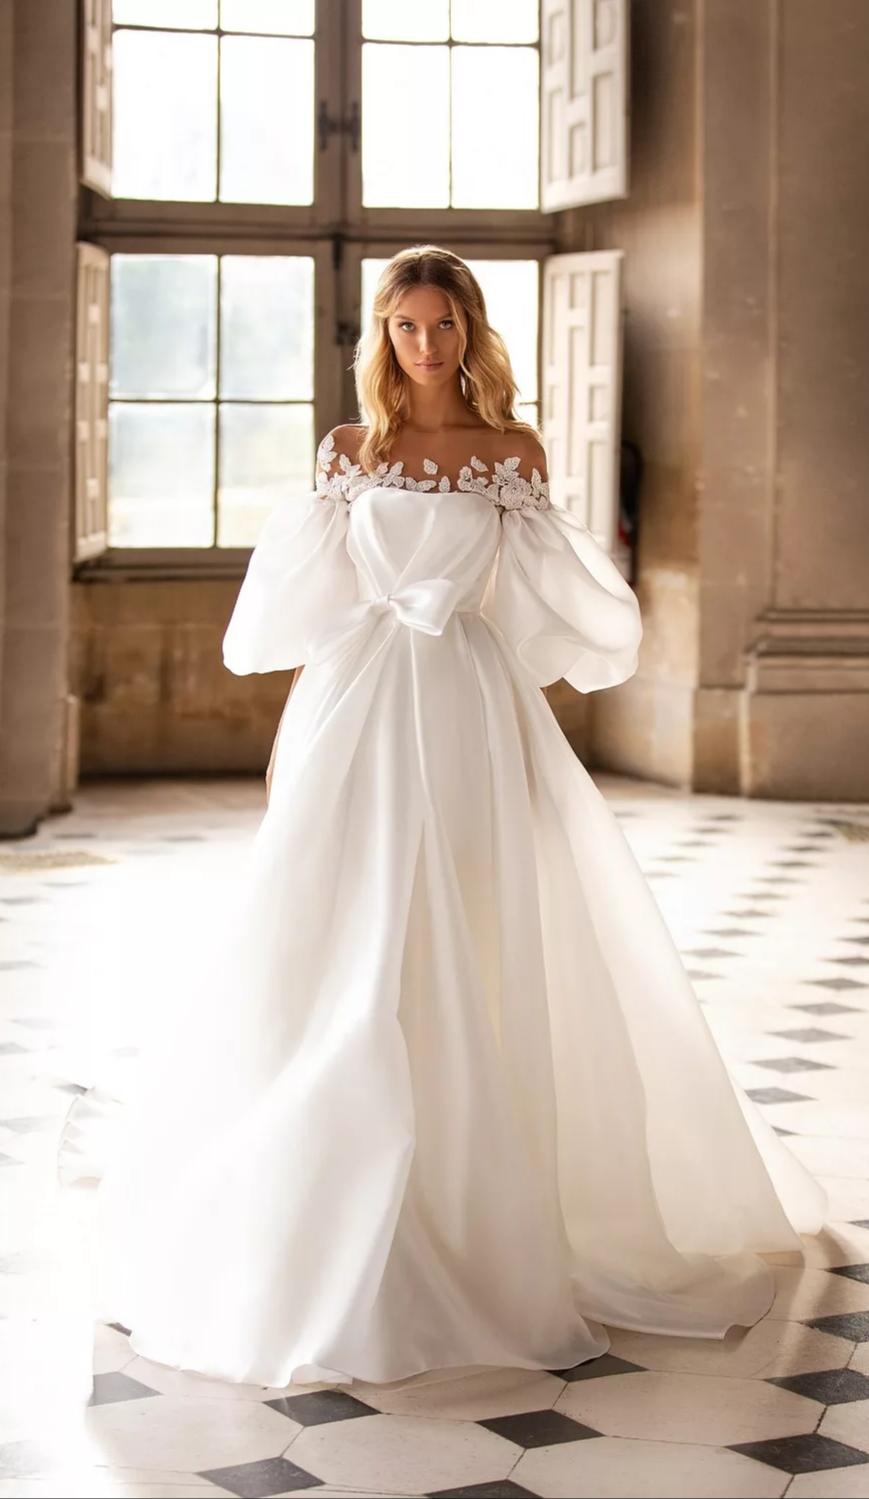 Rochie de mireasa Timisoara alba, cu maneci